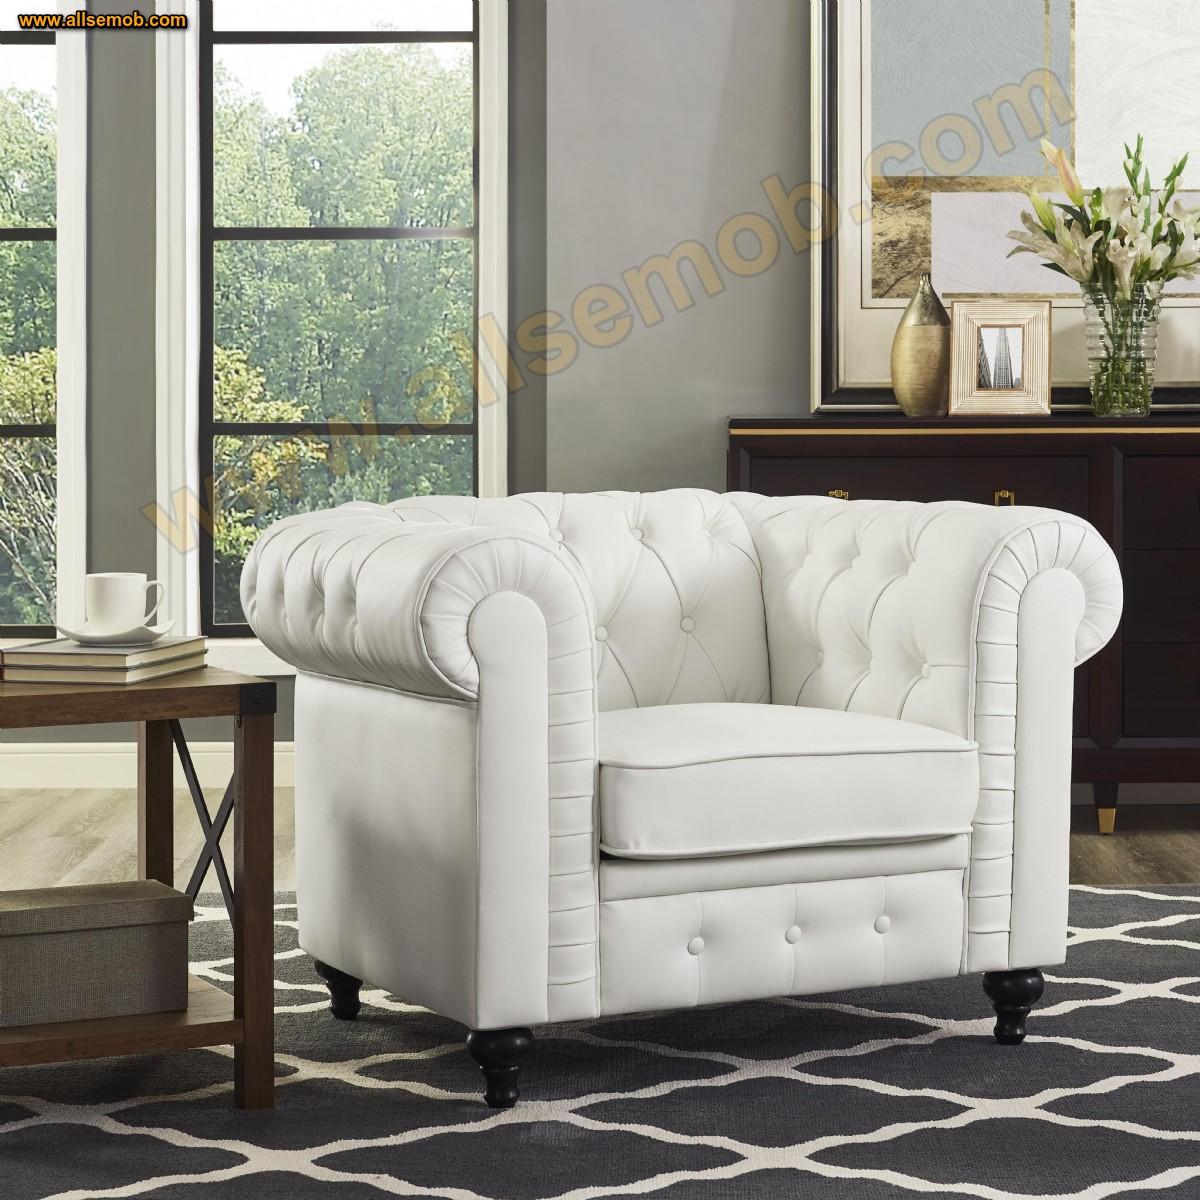 Beyaz Klasik Model Chester Tekli Koltuk P Kolçaklı Chester Berjer